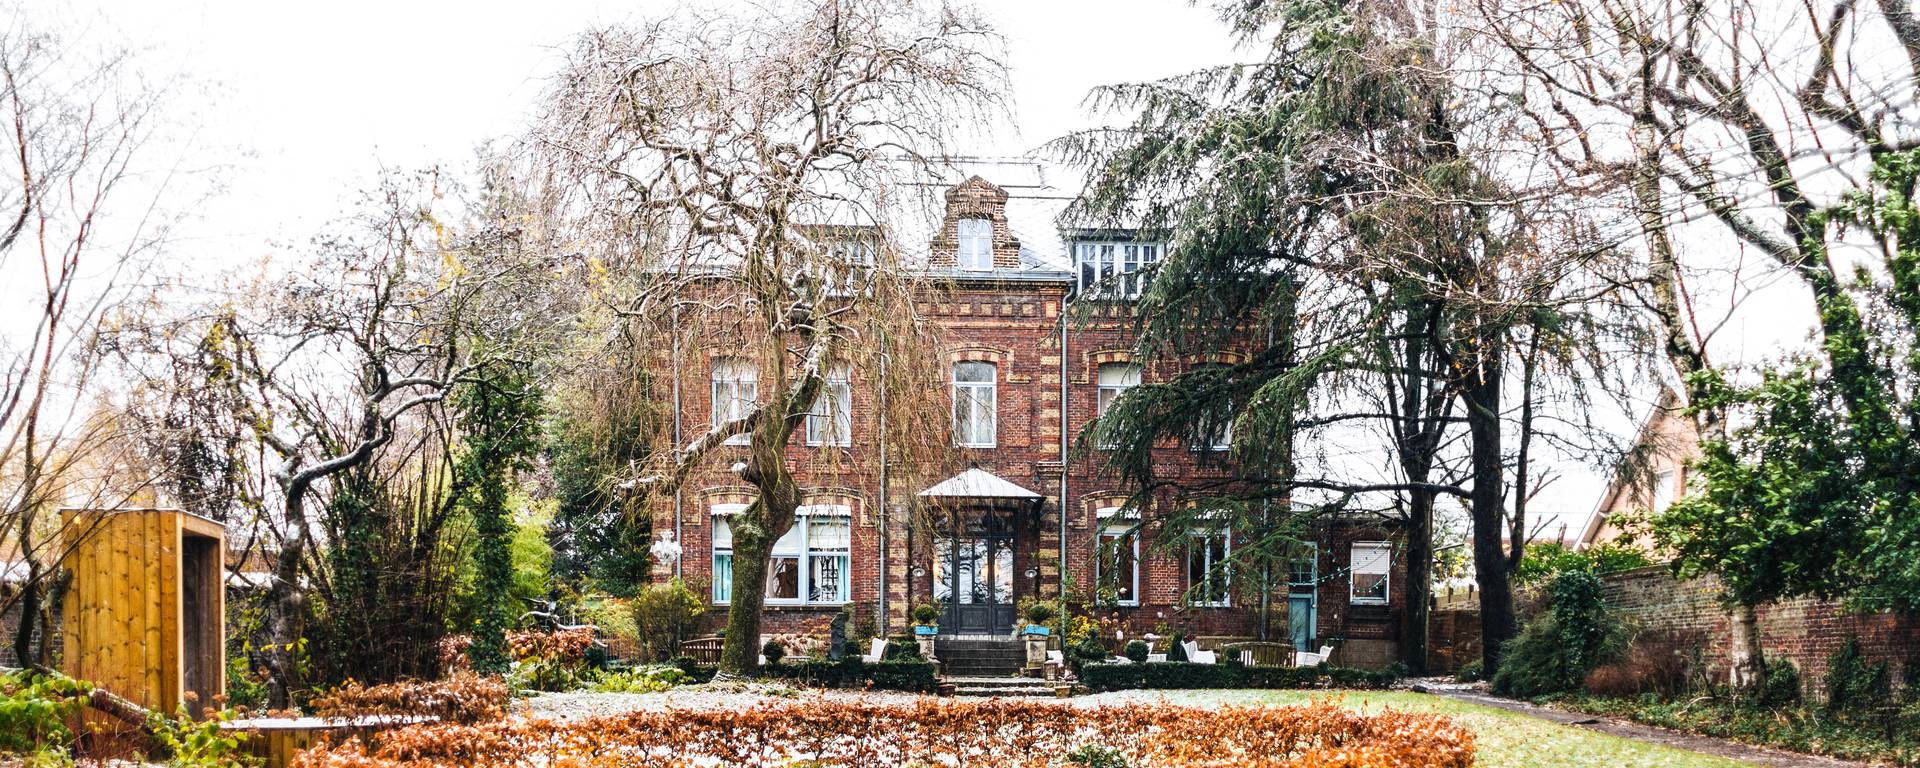 Le jardin du Grand Duc à Valenciennes